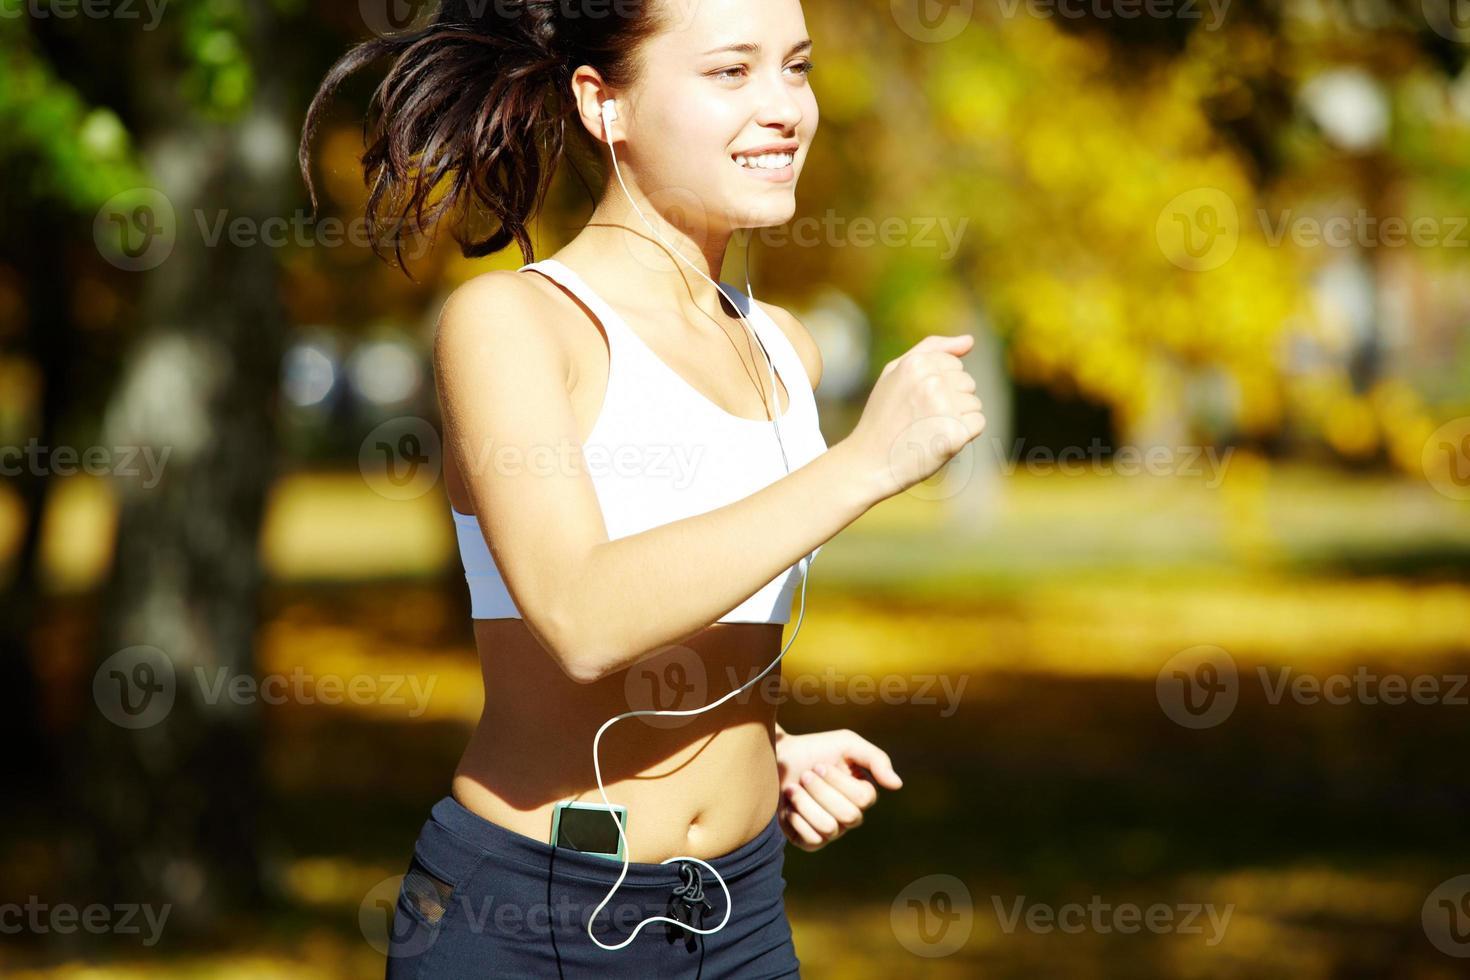 Positive runner photo